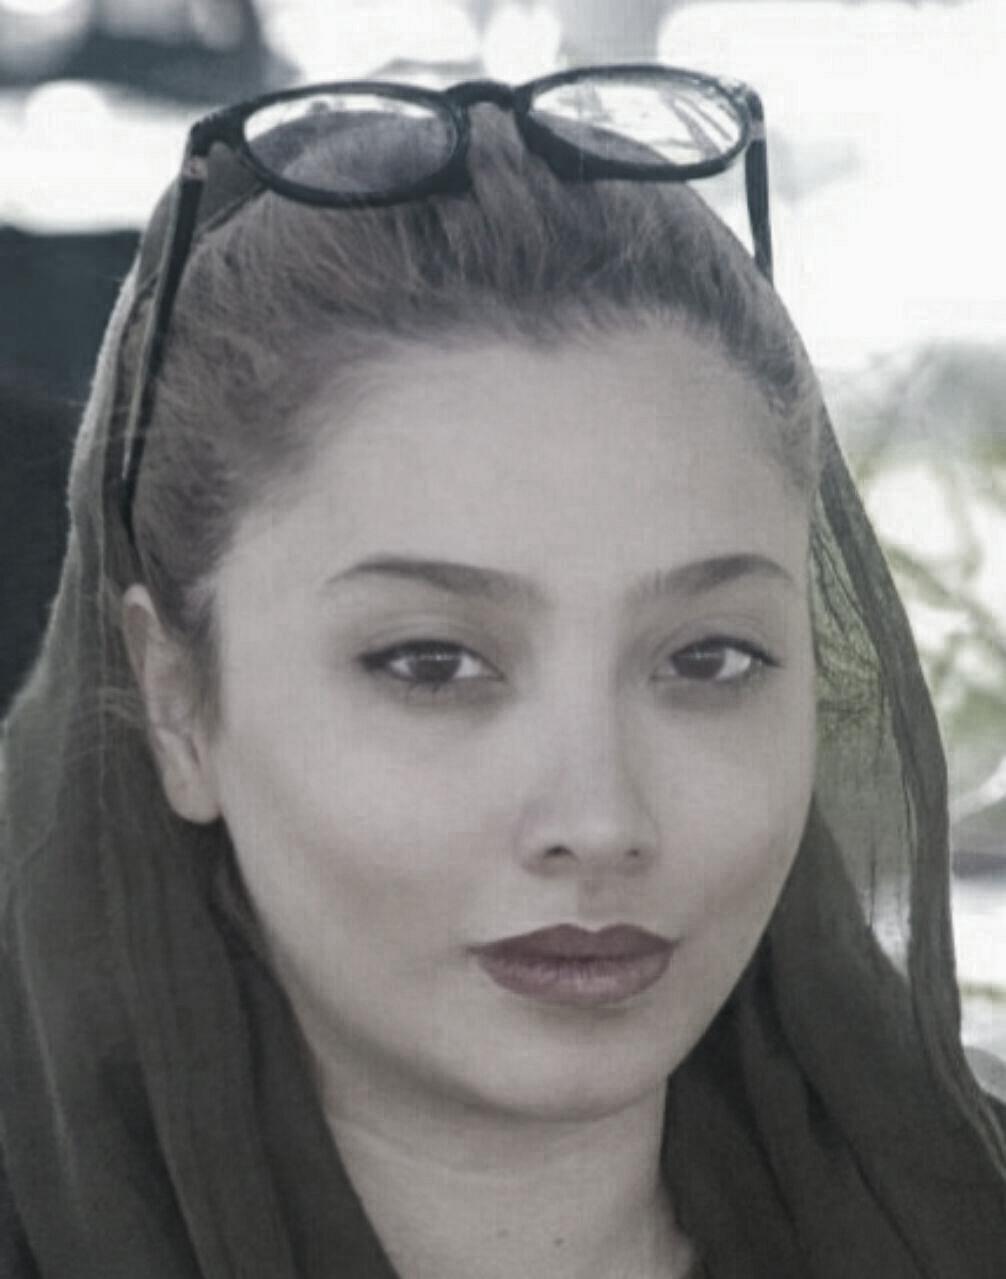 Khorshid Alami